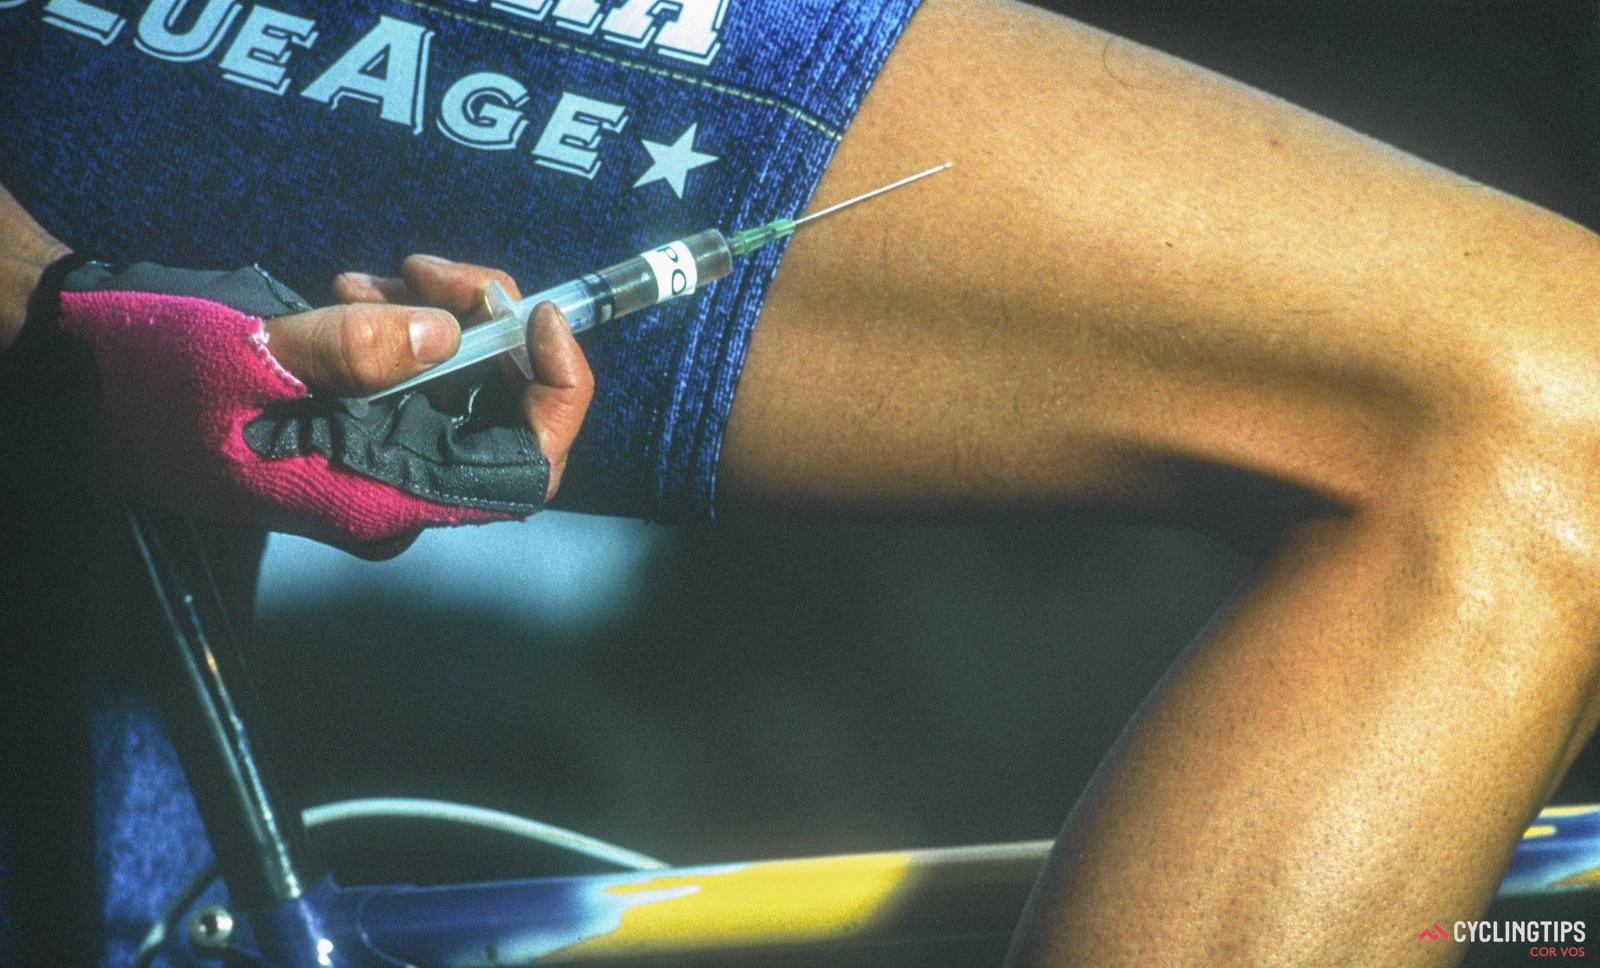 Die Durchführung eines Dopingprogramms könnte in den USA bald strafbar sein